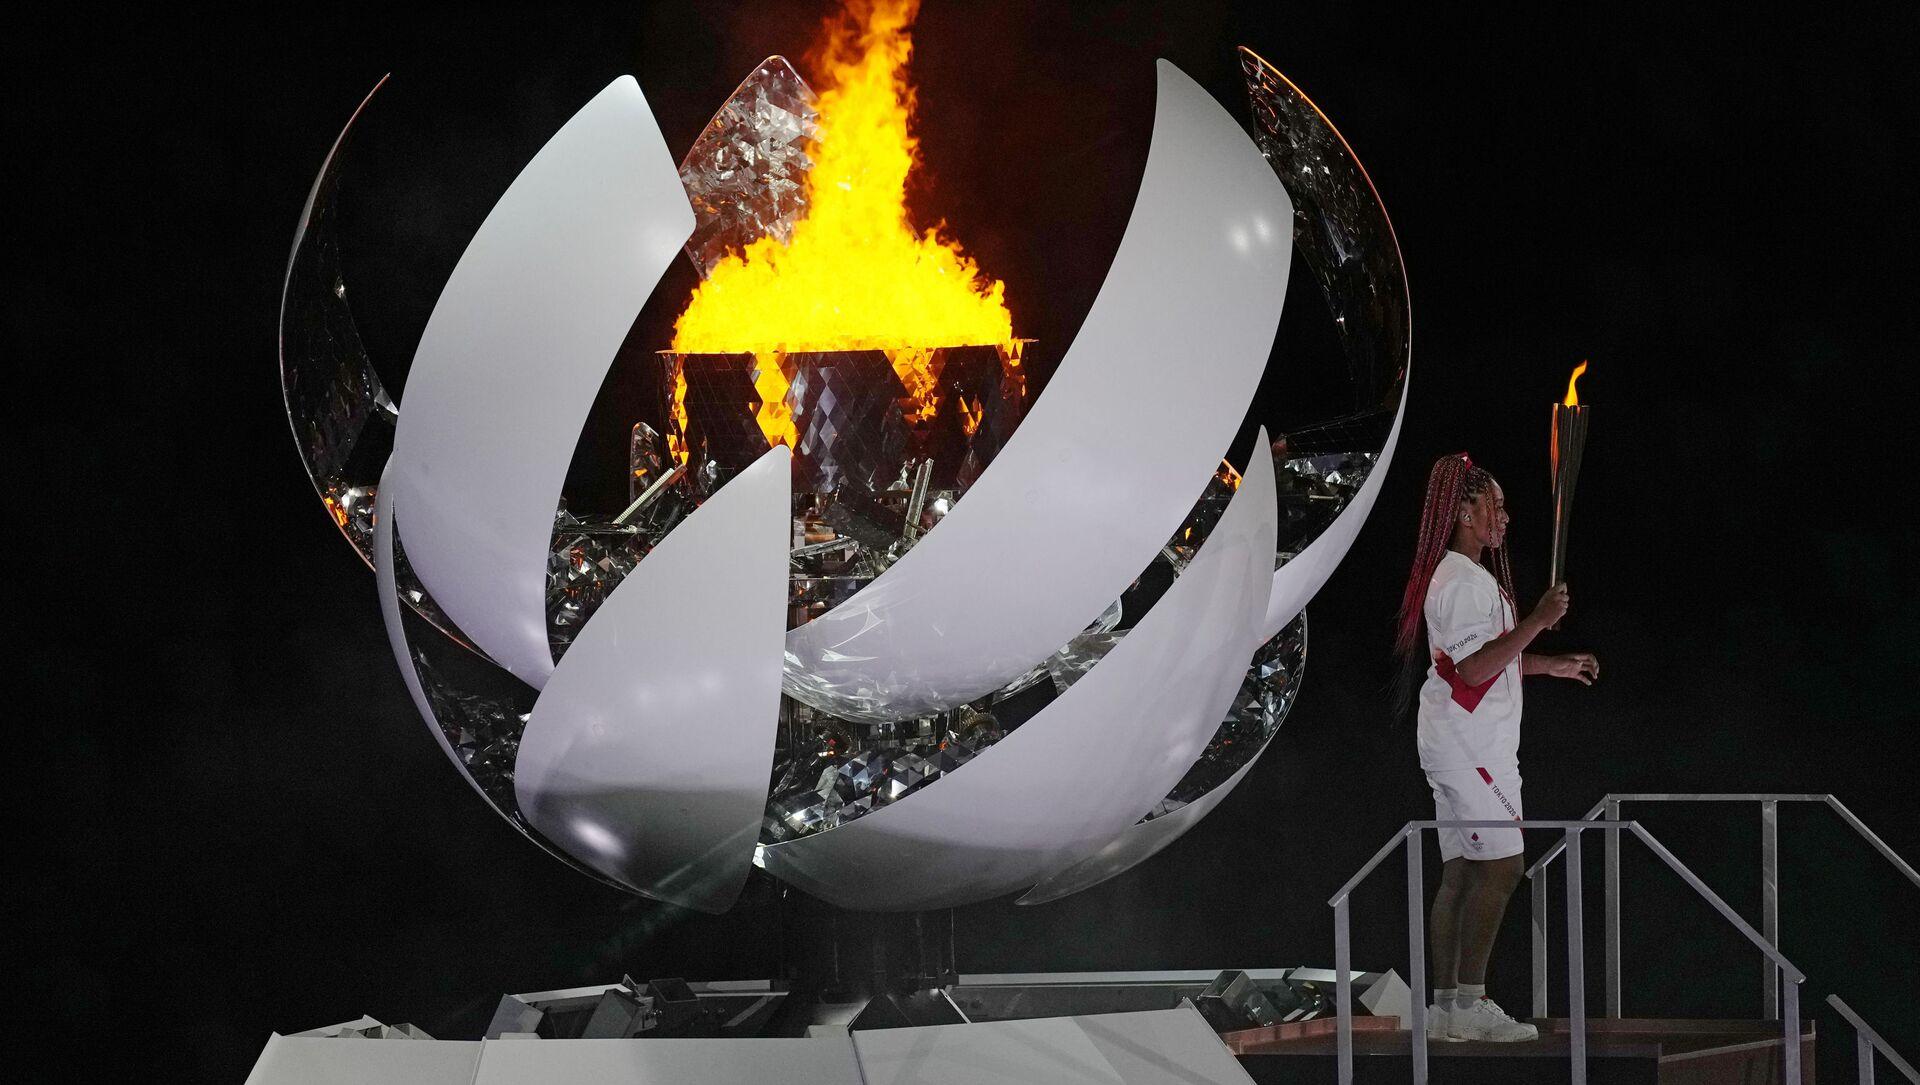 Tokyo'da Olimpiyat meşalesi  tenisçi Naomi Osaka tarafından yakıldı  - Sputnik Türkiye, 1920, 02.08.2021